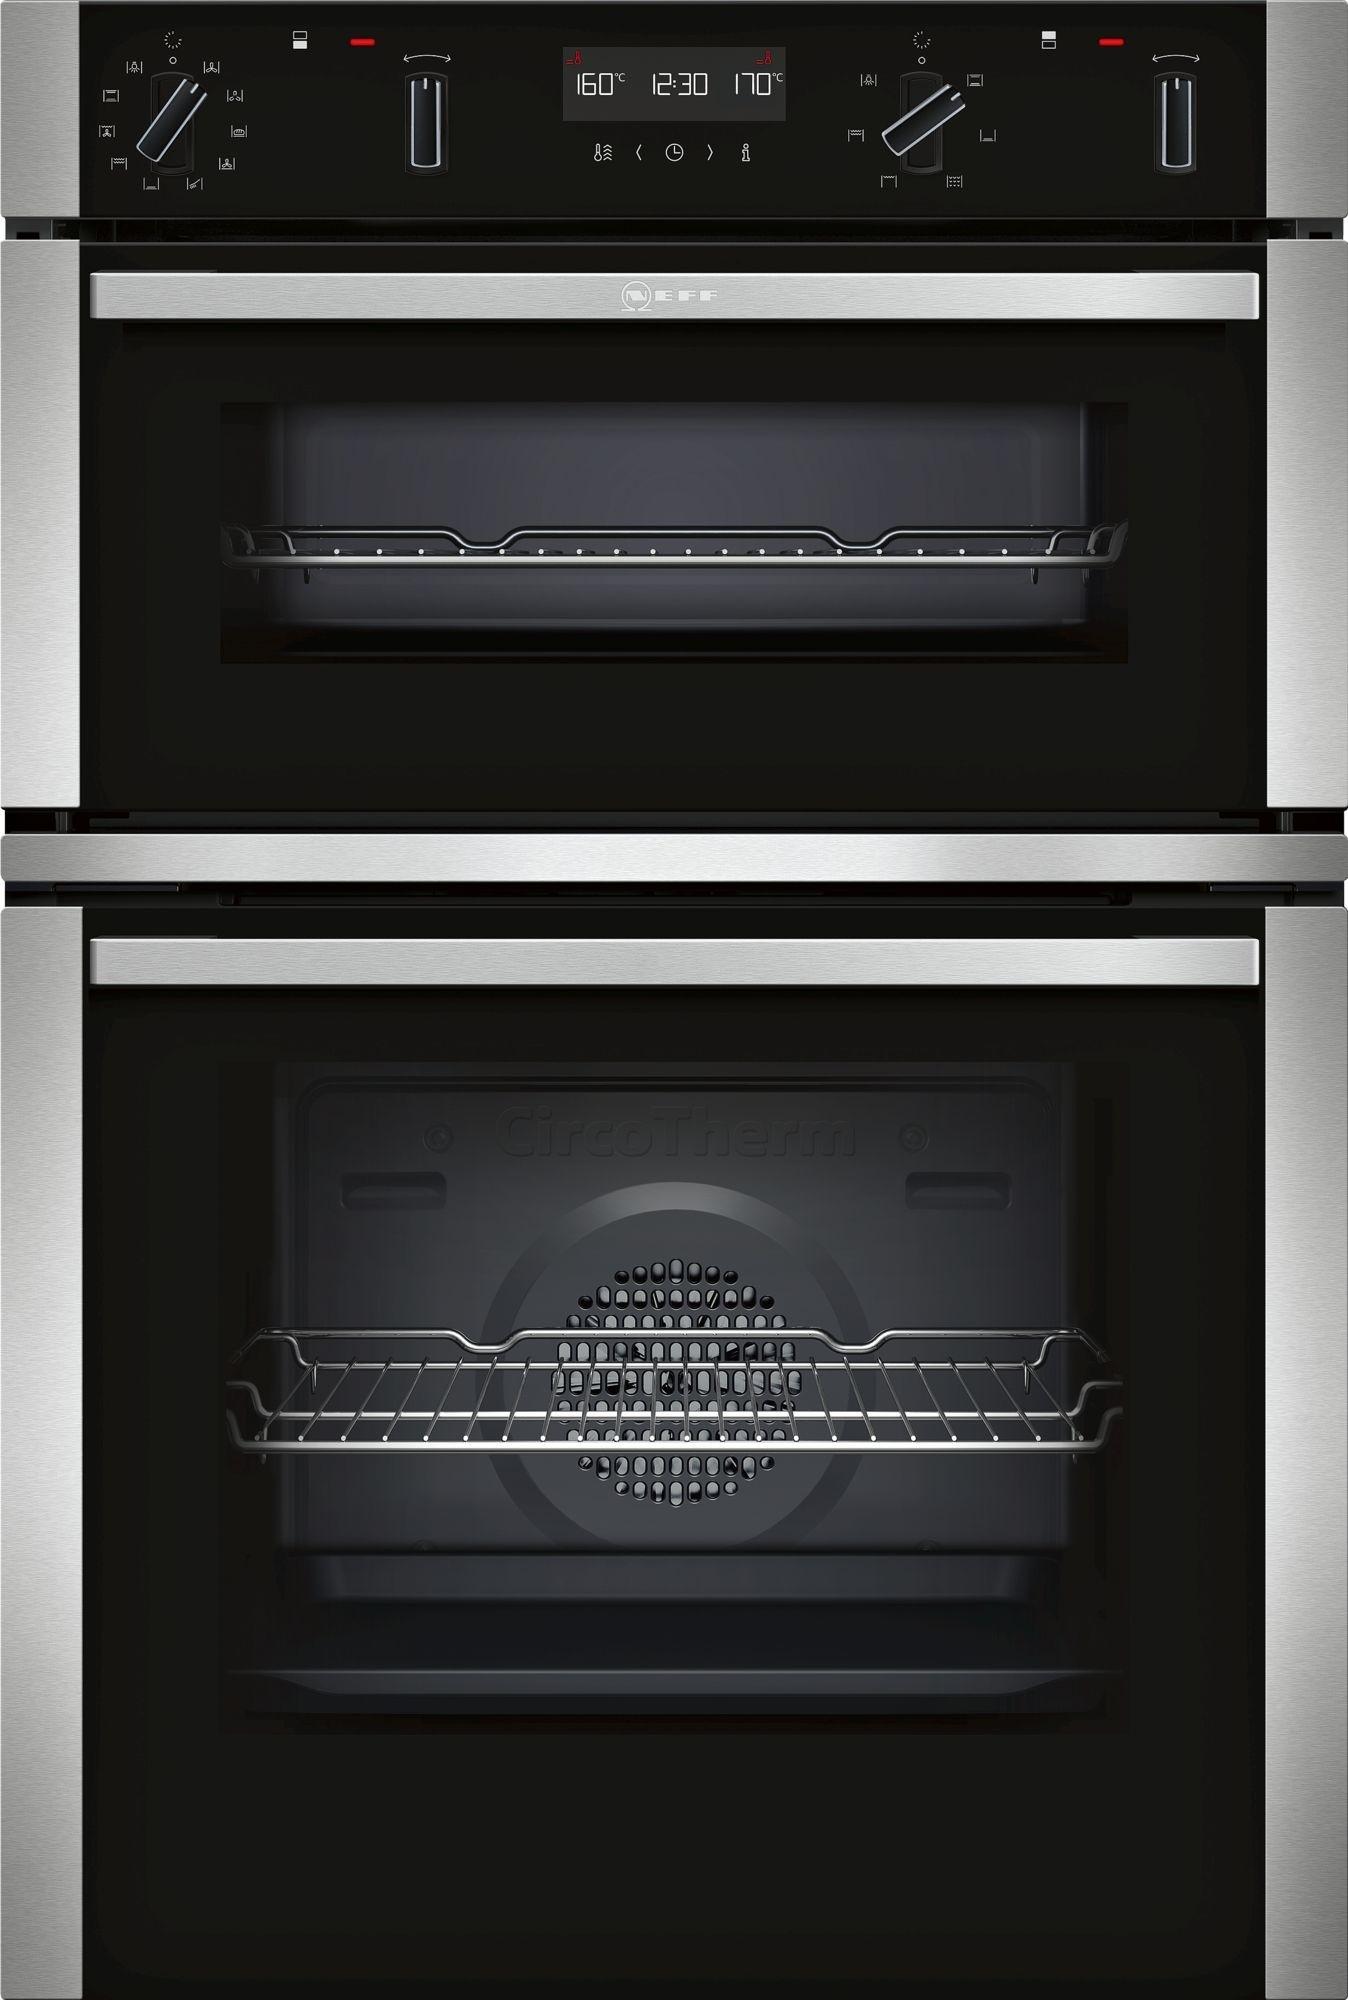 NEFF U2ACM7HN0B Double Oven